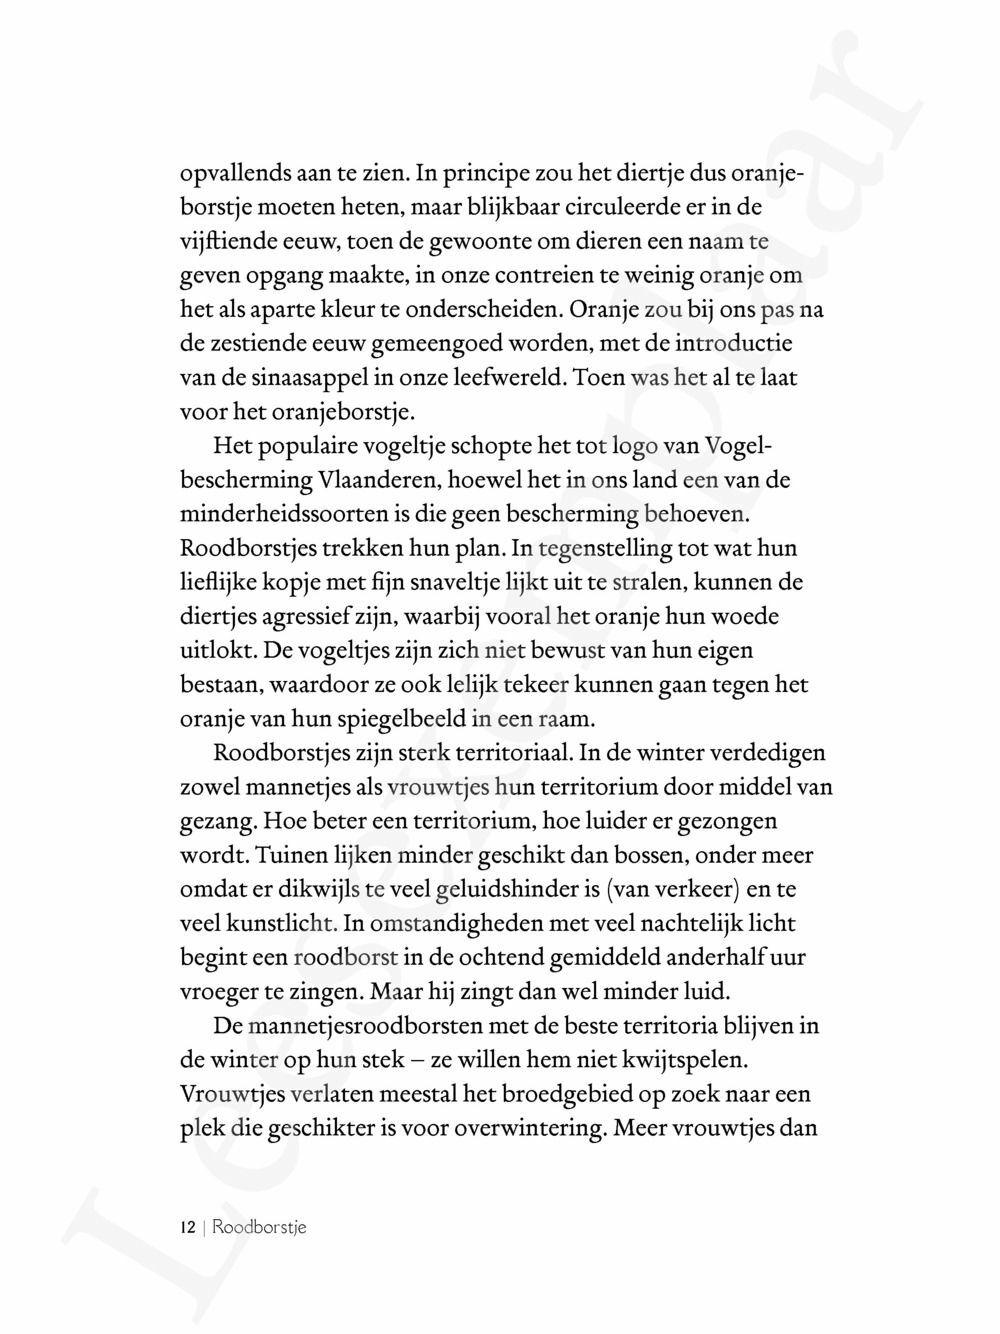 Preview: Beestenboel